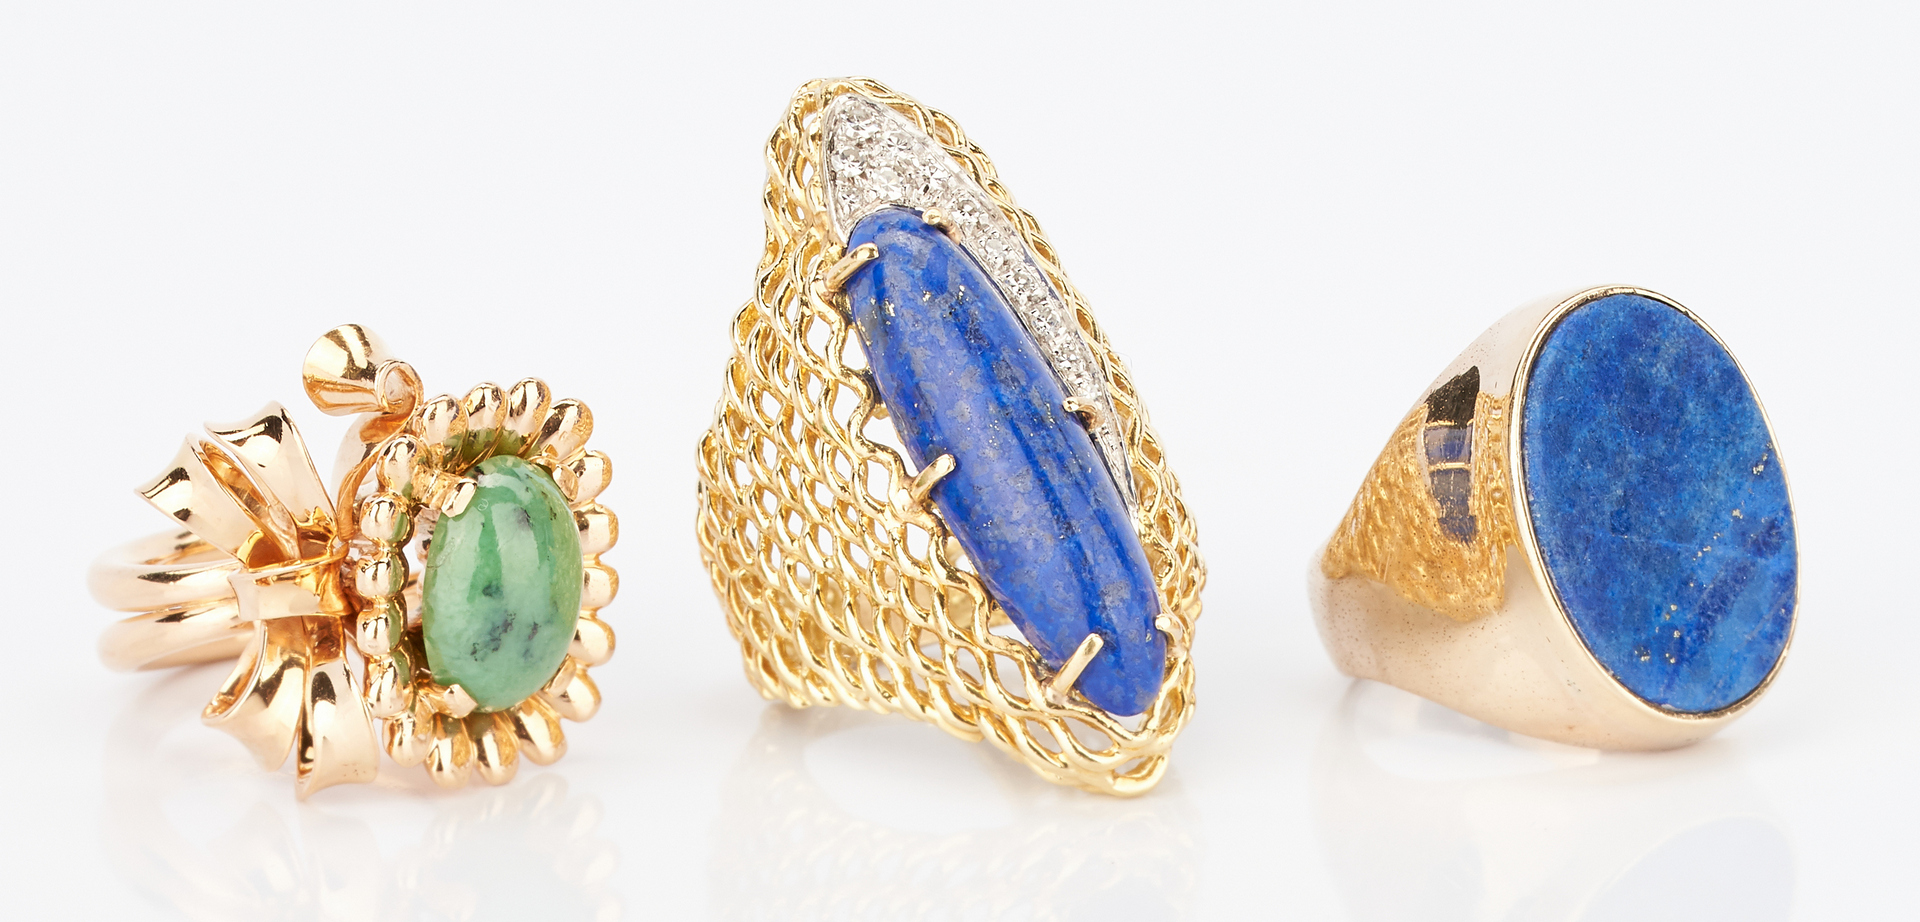 Lot 414: 3 Ladies Gold, Turquoise, & Lapis Lazuli Rings